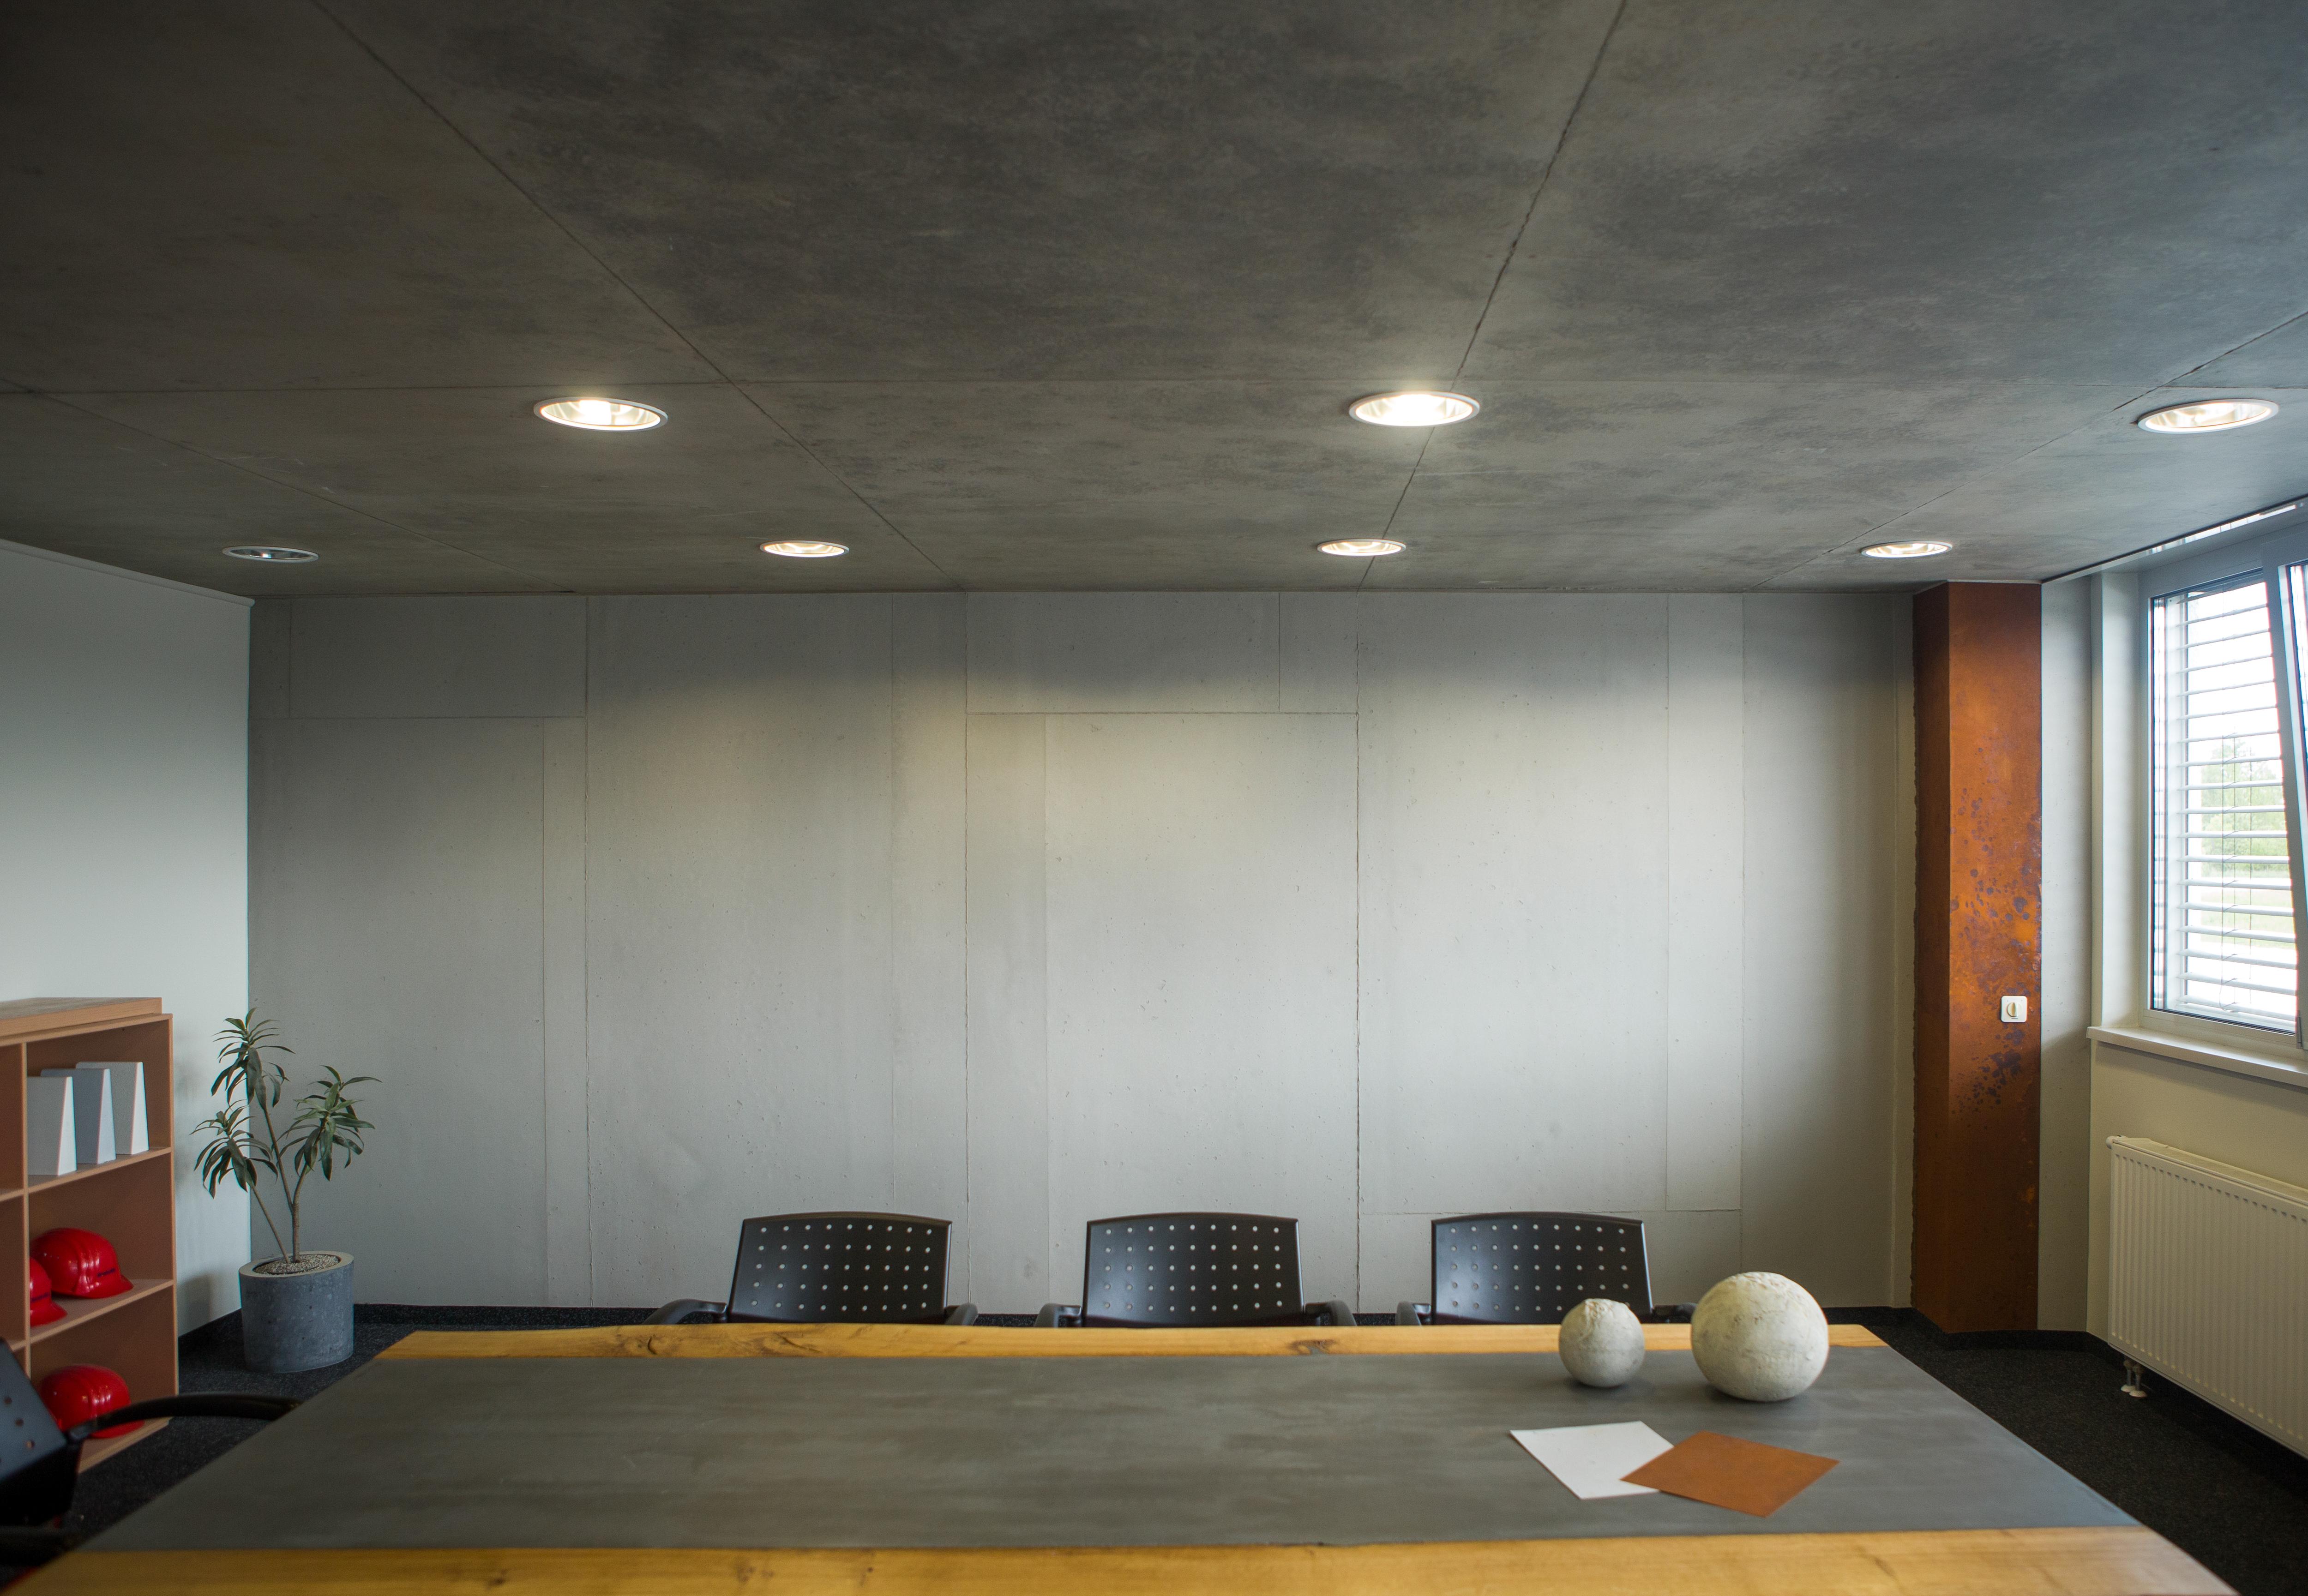 WR Meetingraum Bautzen_Standard Beton und Rost Standard